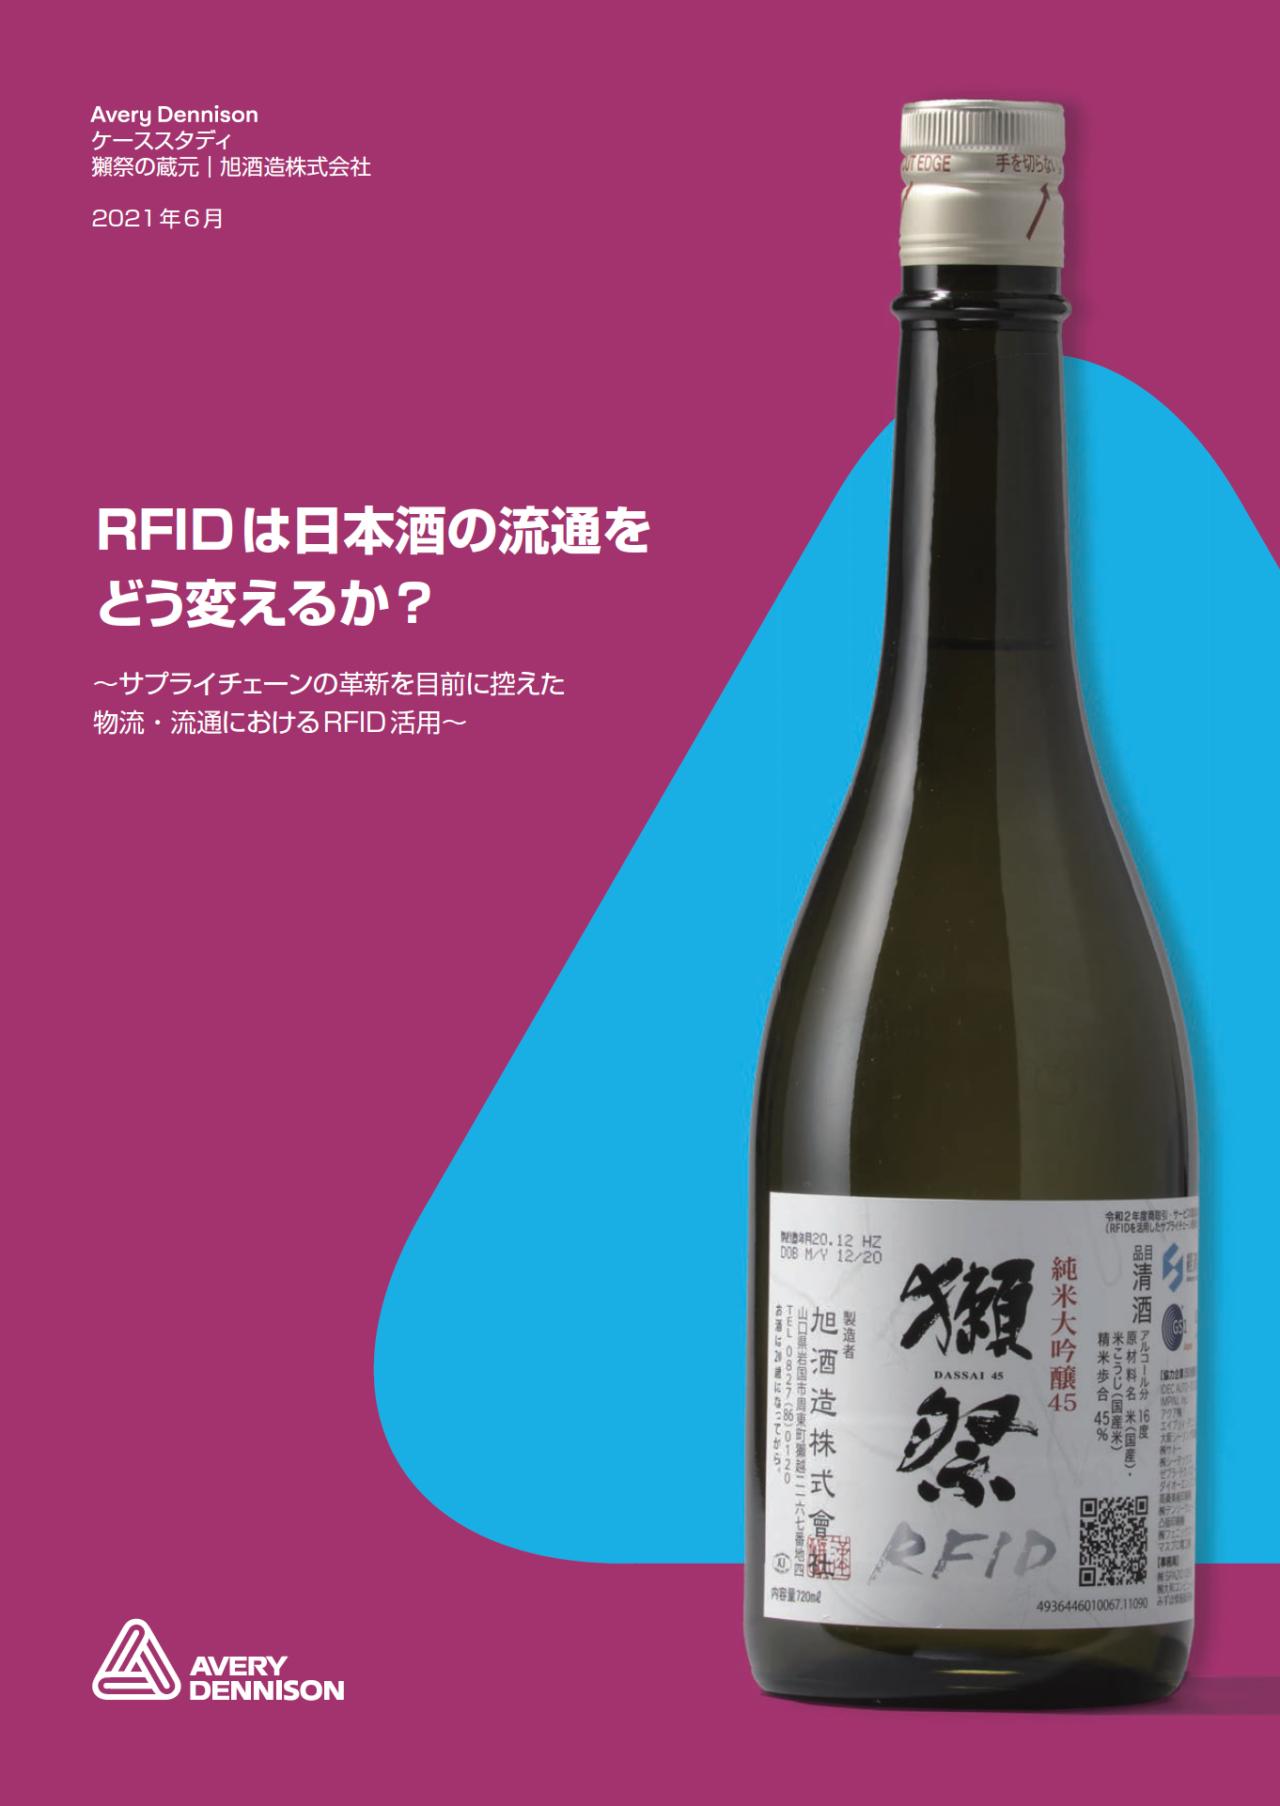 RFIDは日本酒の流通をどう変えるか?